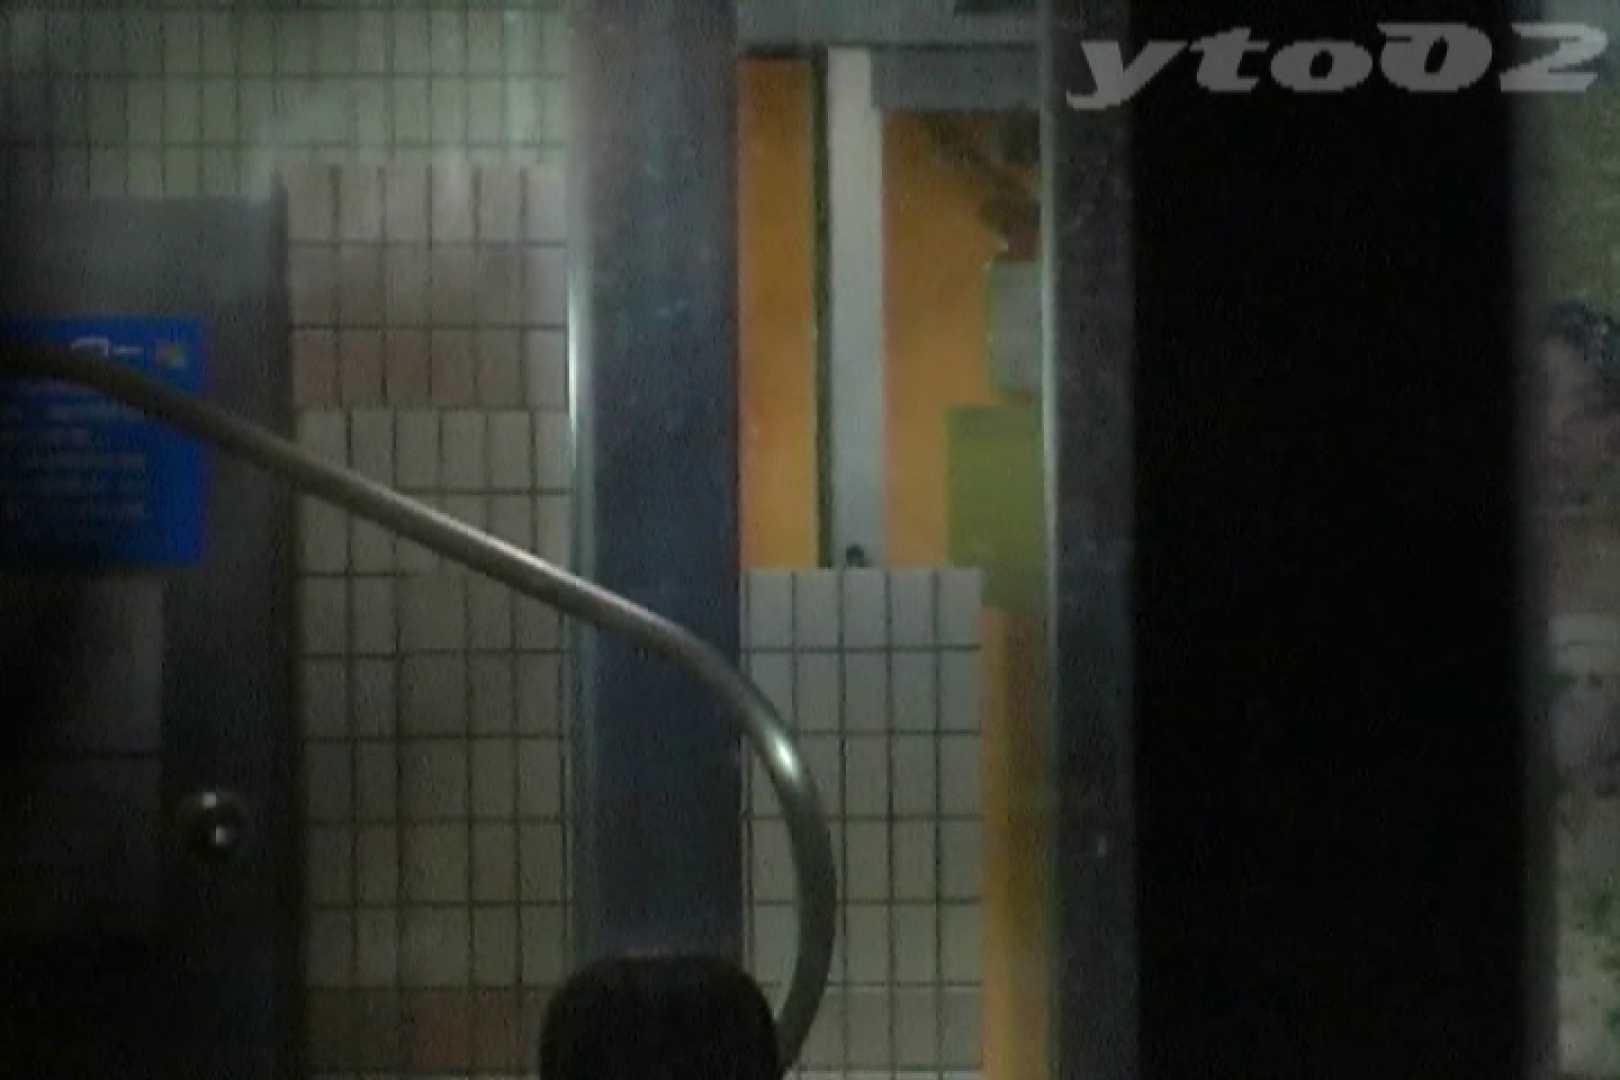 【期間限定配信】合宿ホテル女風呂盗撮 Vol.15 女風呂 おまんこ無修正動画無料 106画像 86